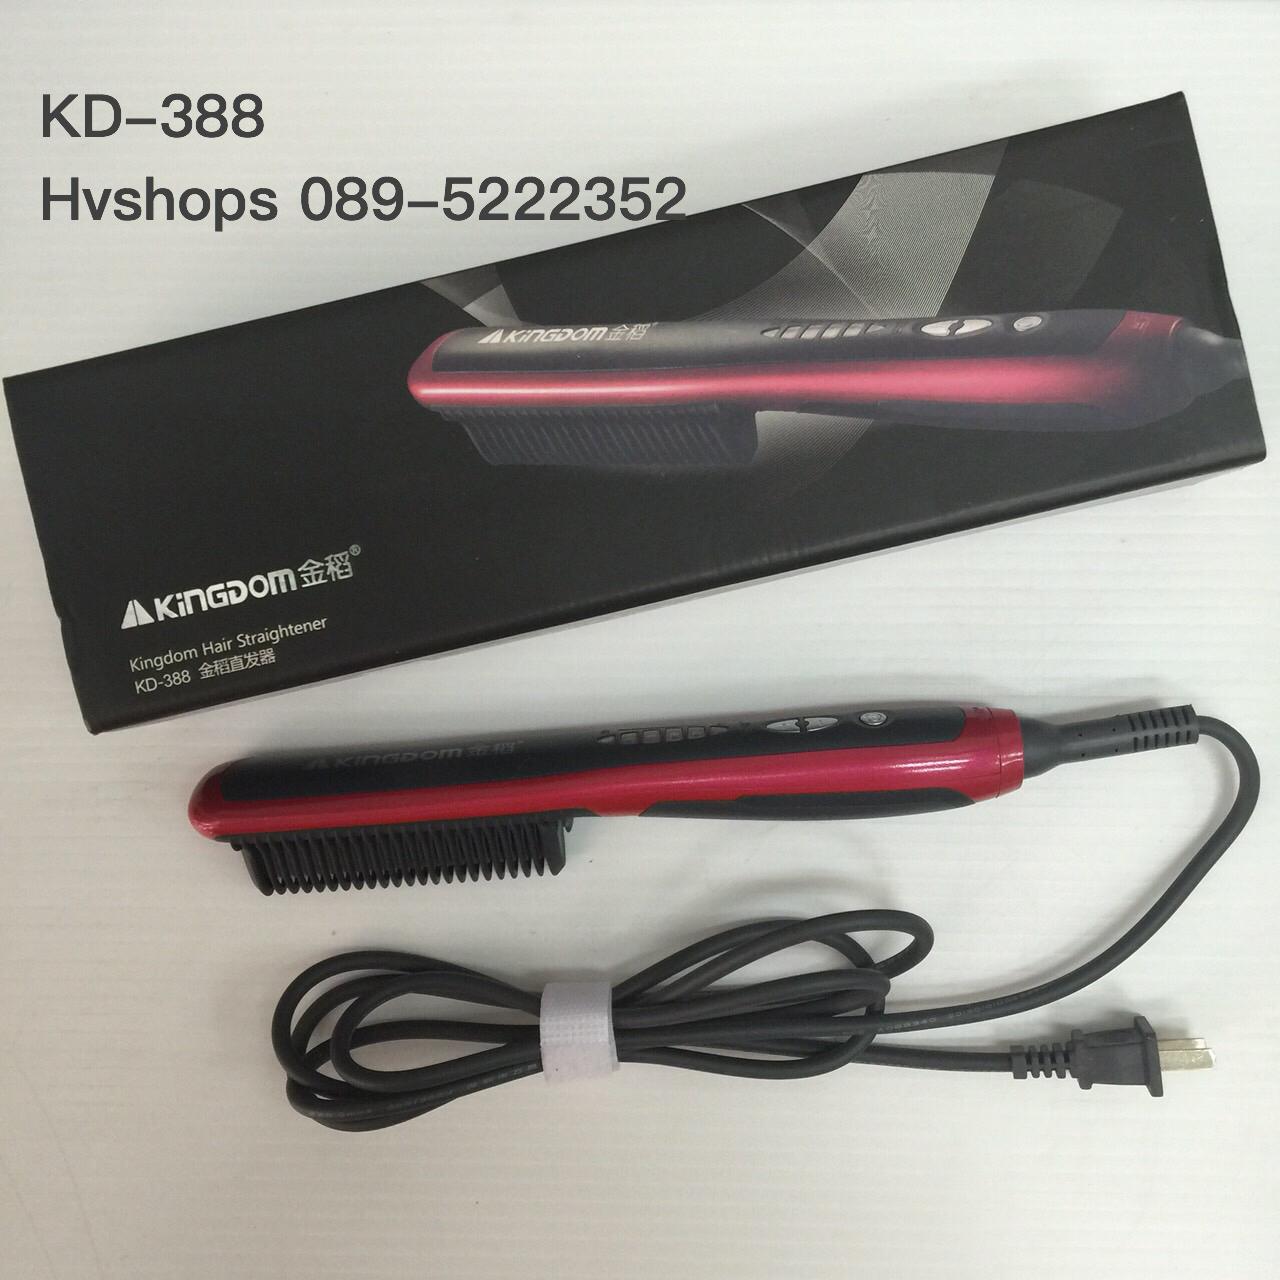 หวีแปรงไฟฟ้า Kingdom KD-388